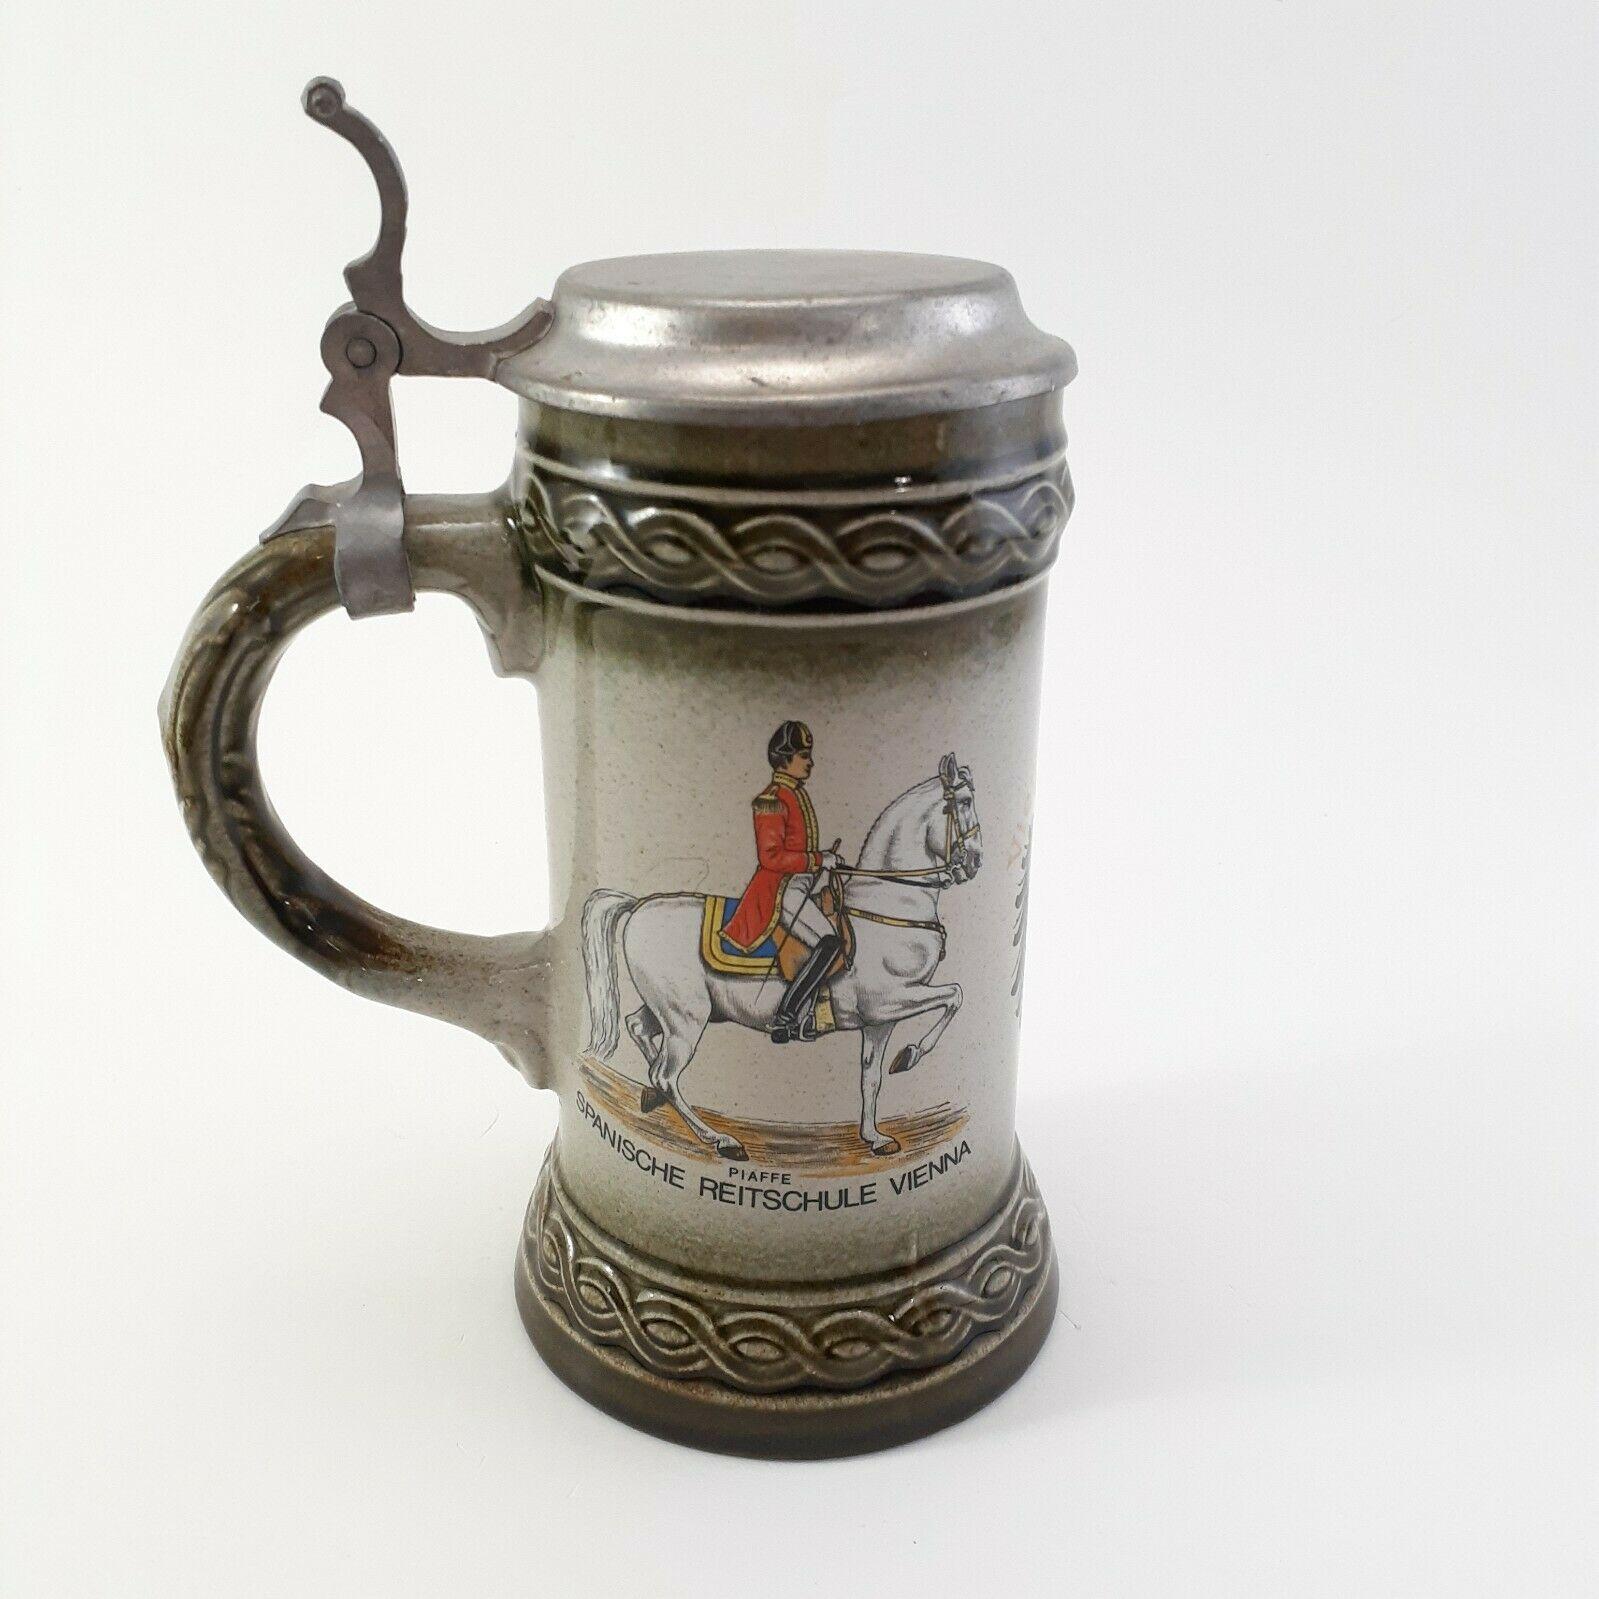 West Germany Stein Piaffe Spanische Reitschule Vienna Souvenir Mug With Lid